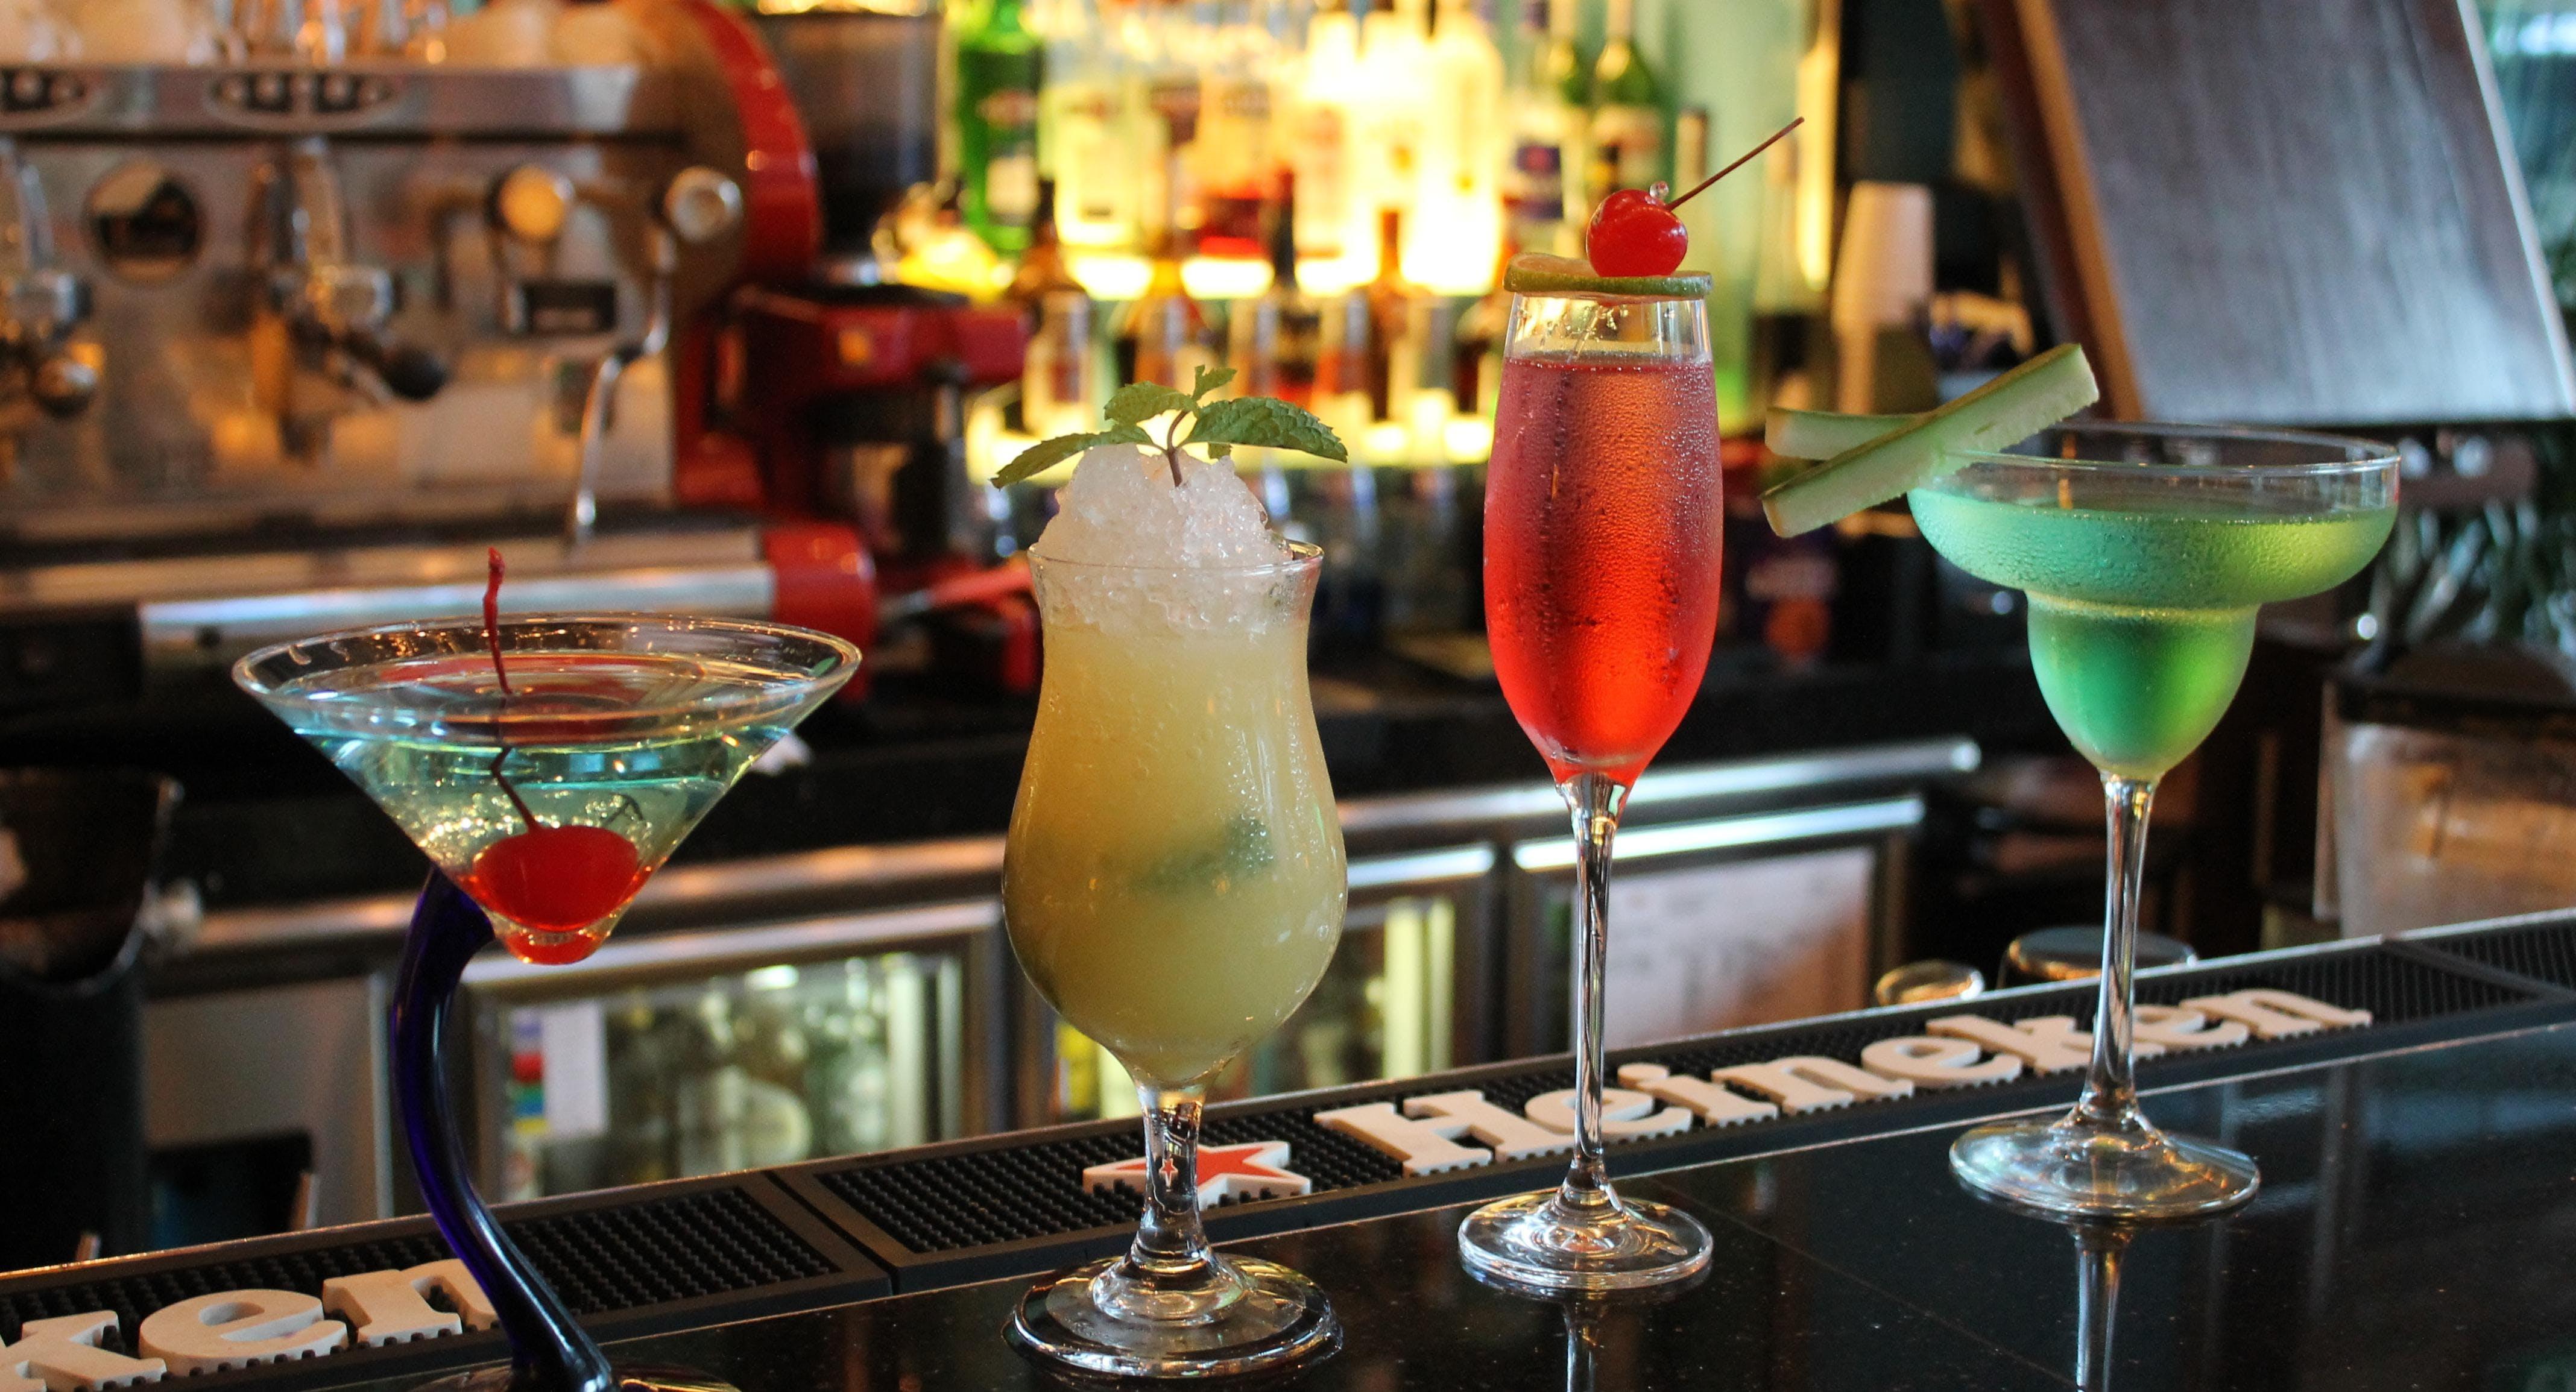 Lobby Lounge & Bar @ Holiday Inn Orchard